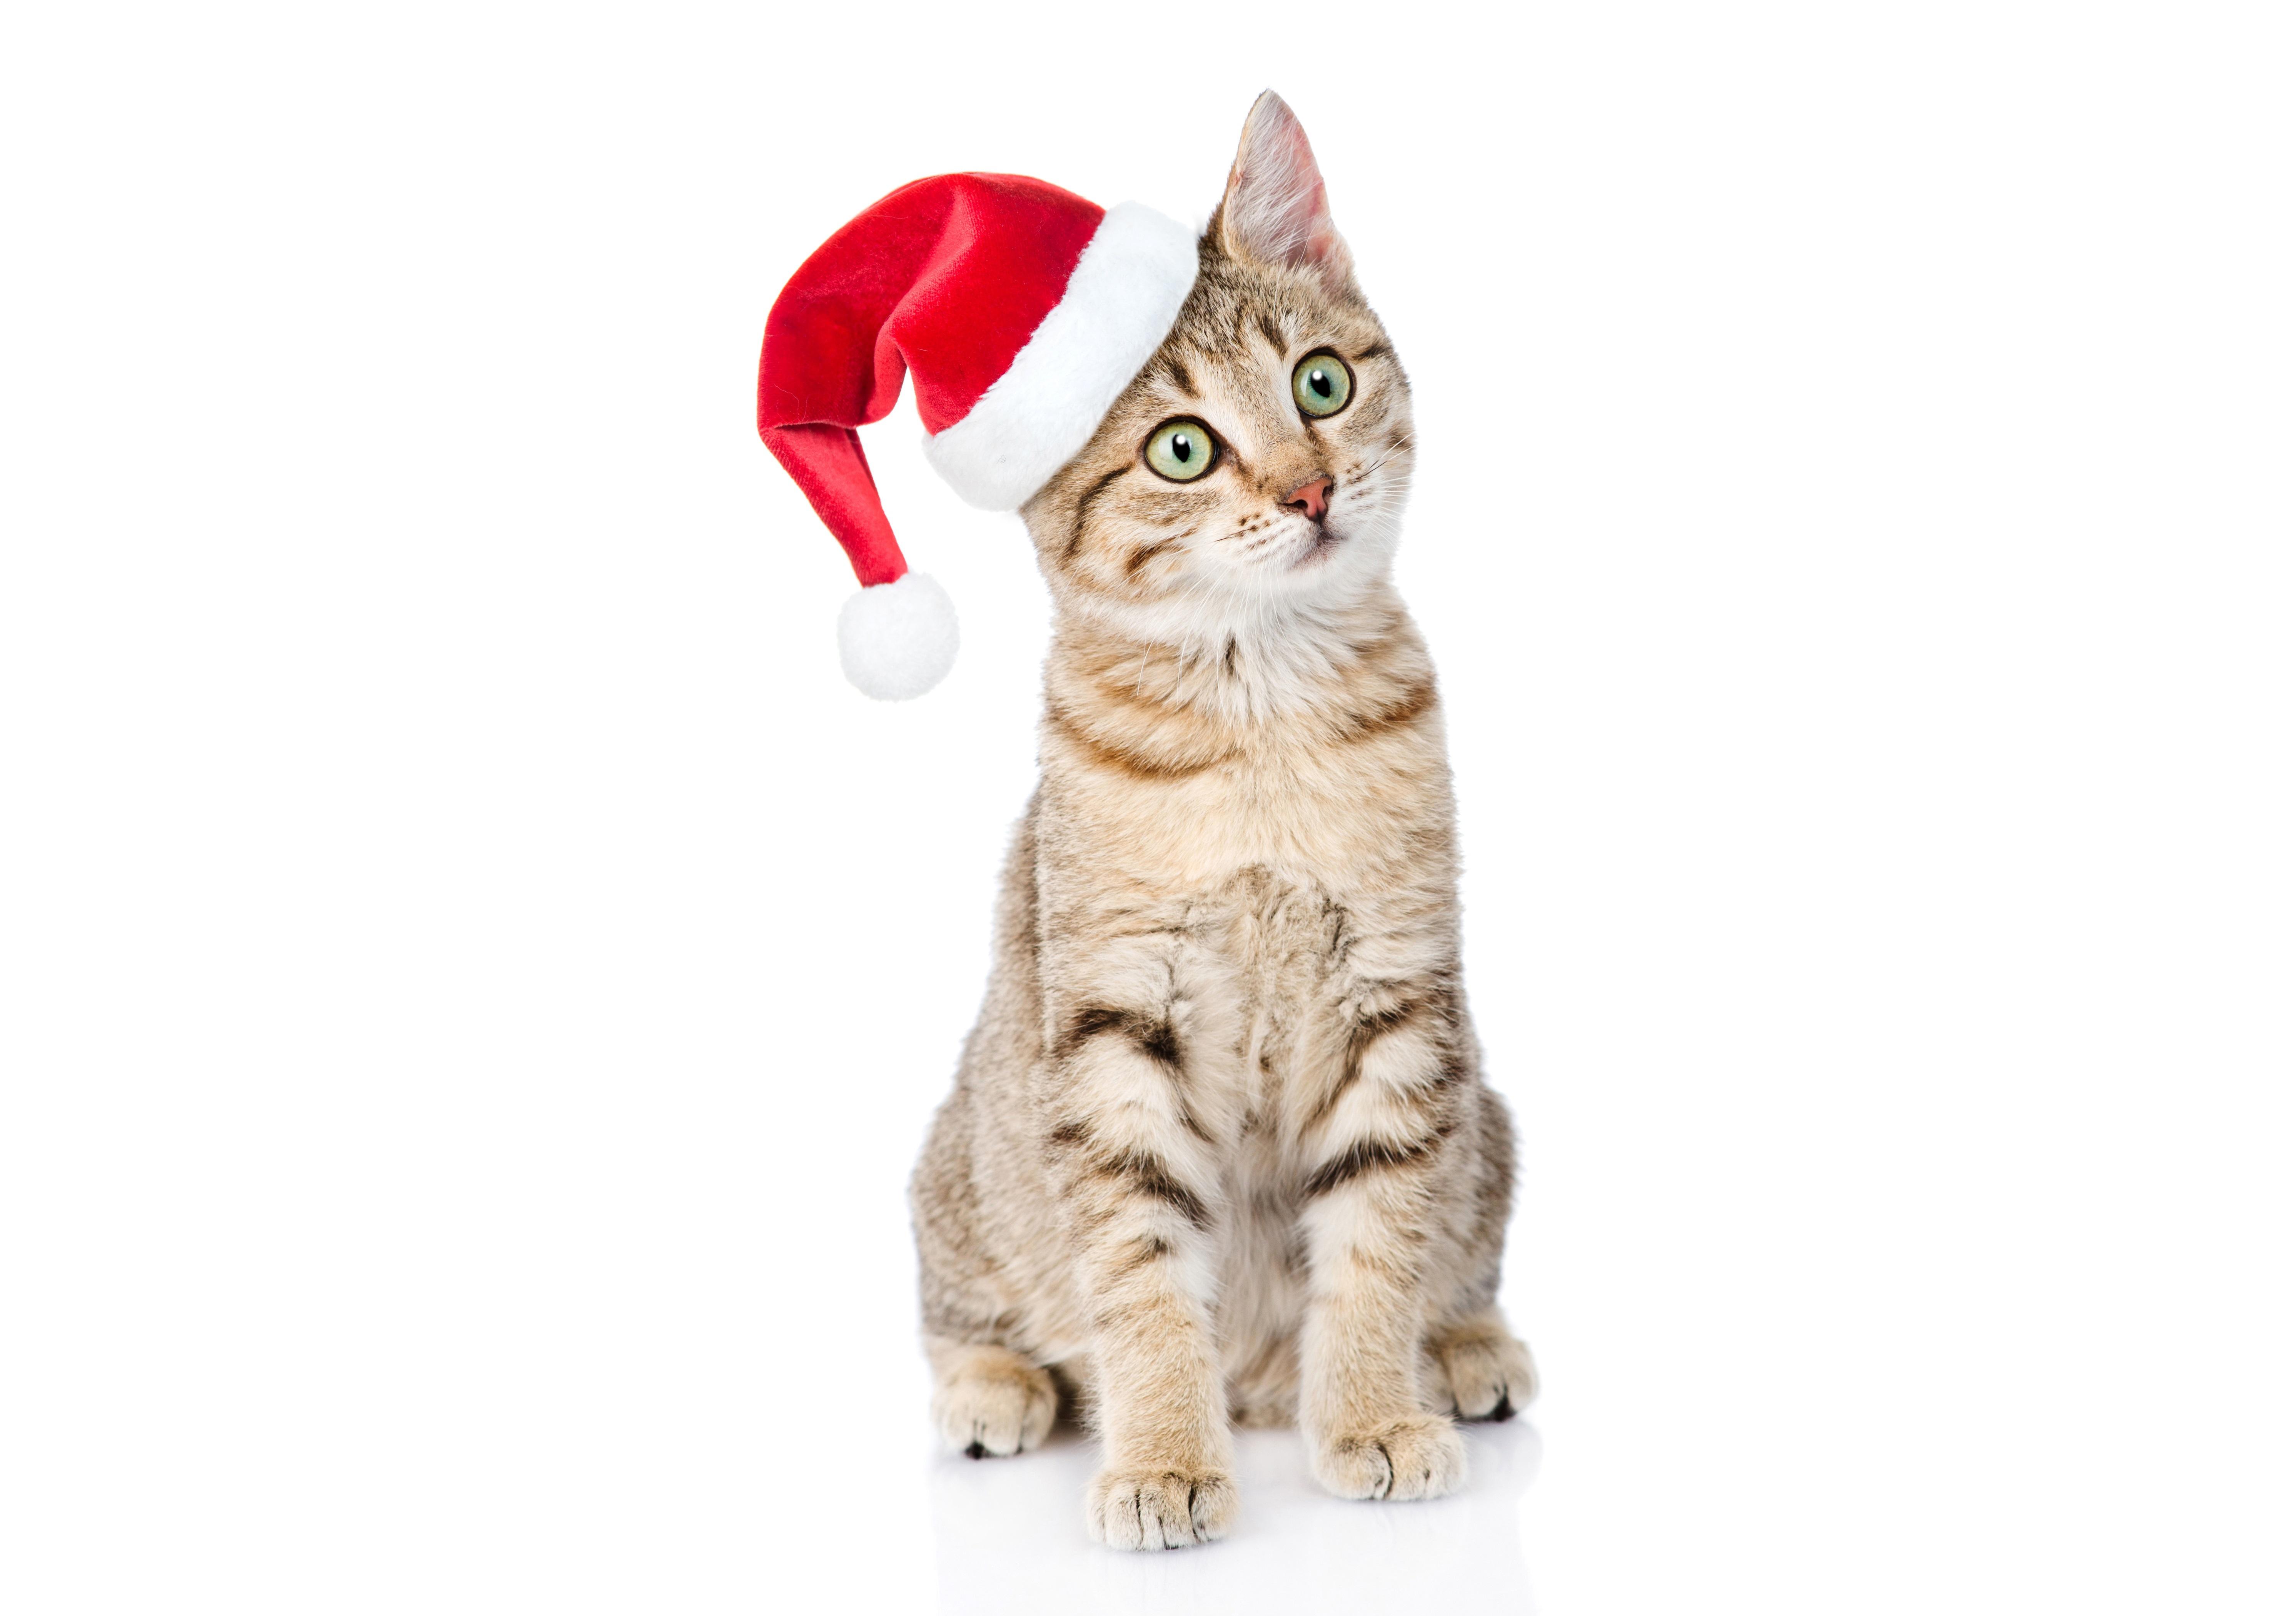 Фото Кошки Новый год в шапке Сидит смотрит животное белым фоном 5968x4200 Коты Рождество Шапки шапка сидя сидящие Взгляд смотрят Животные Белый фон белом фоне